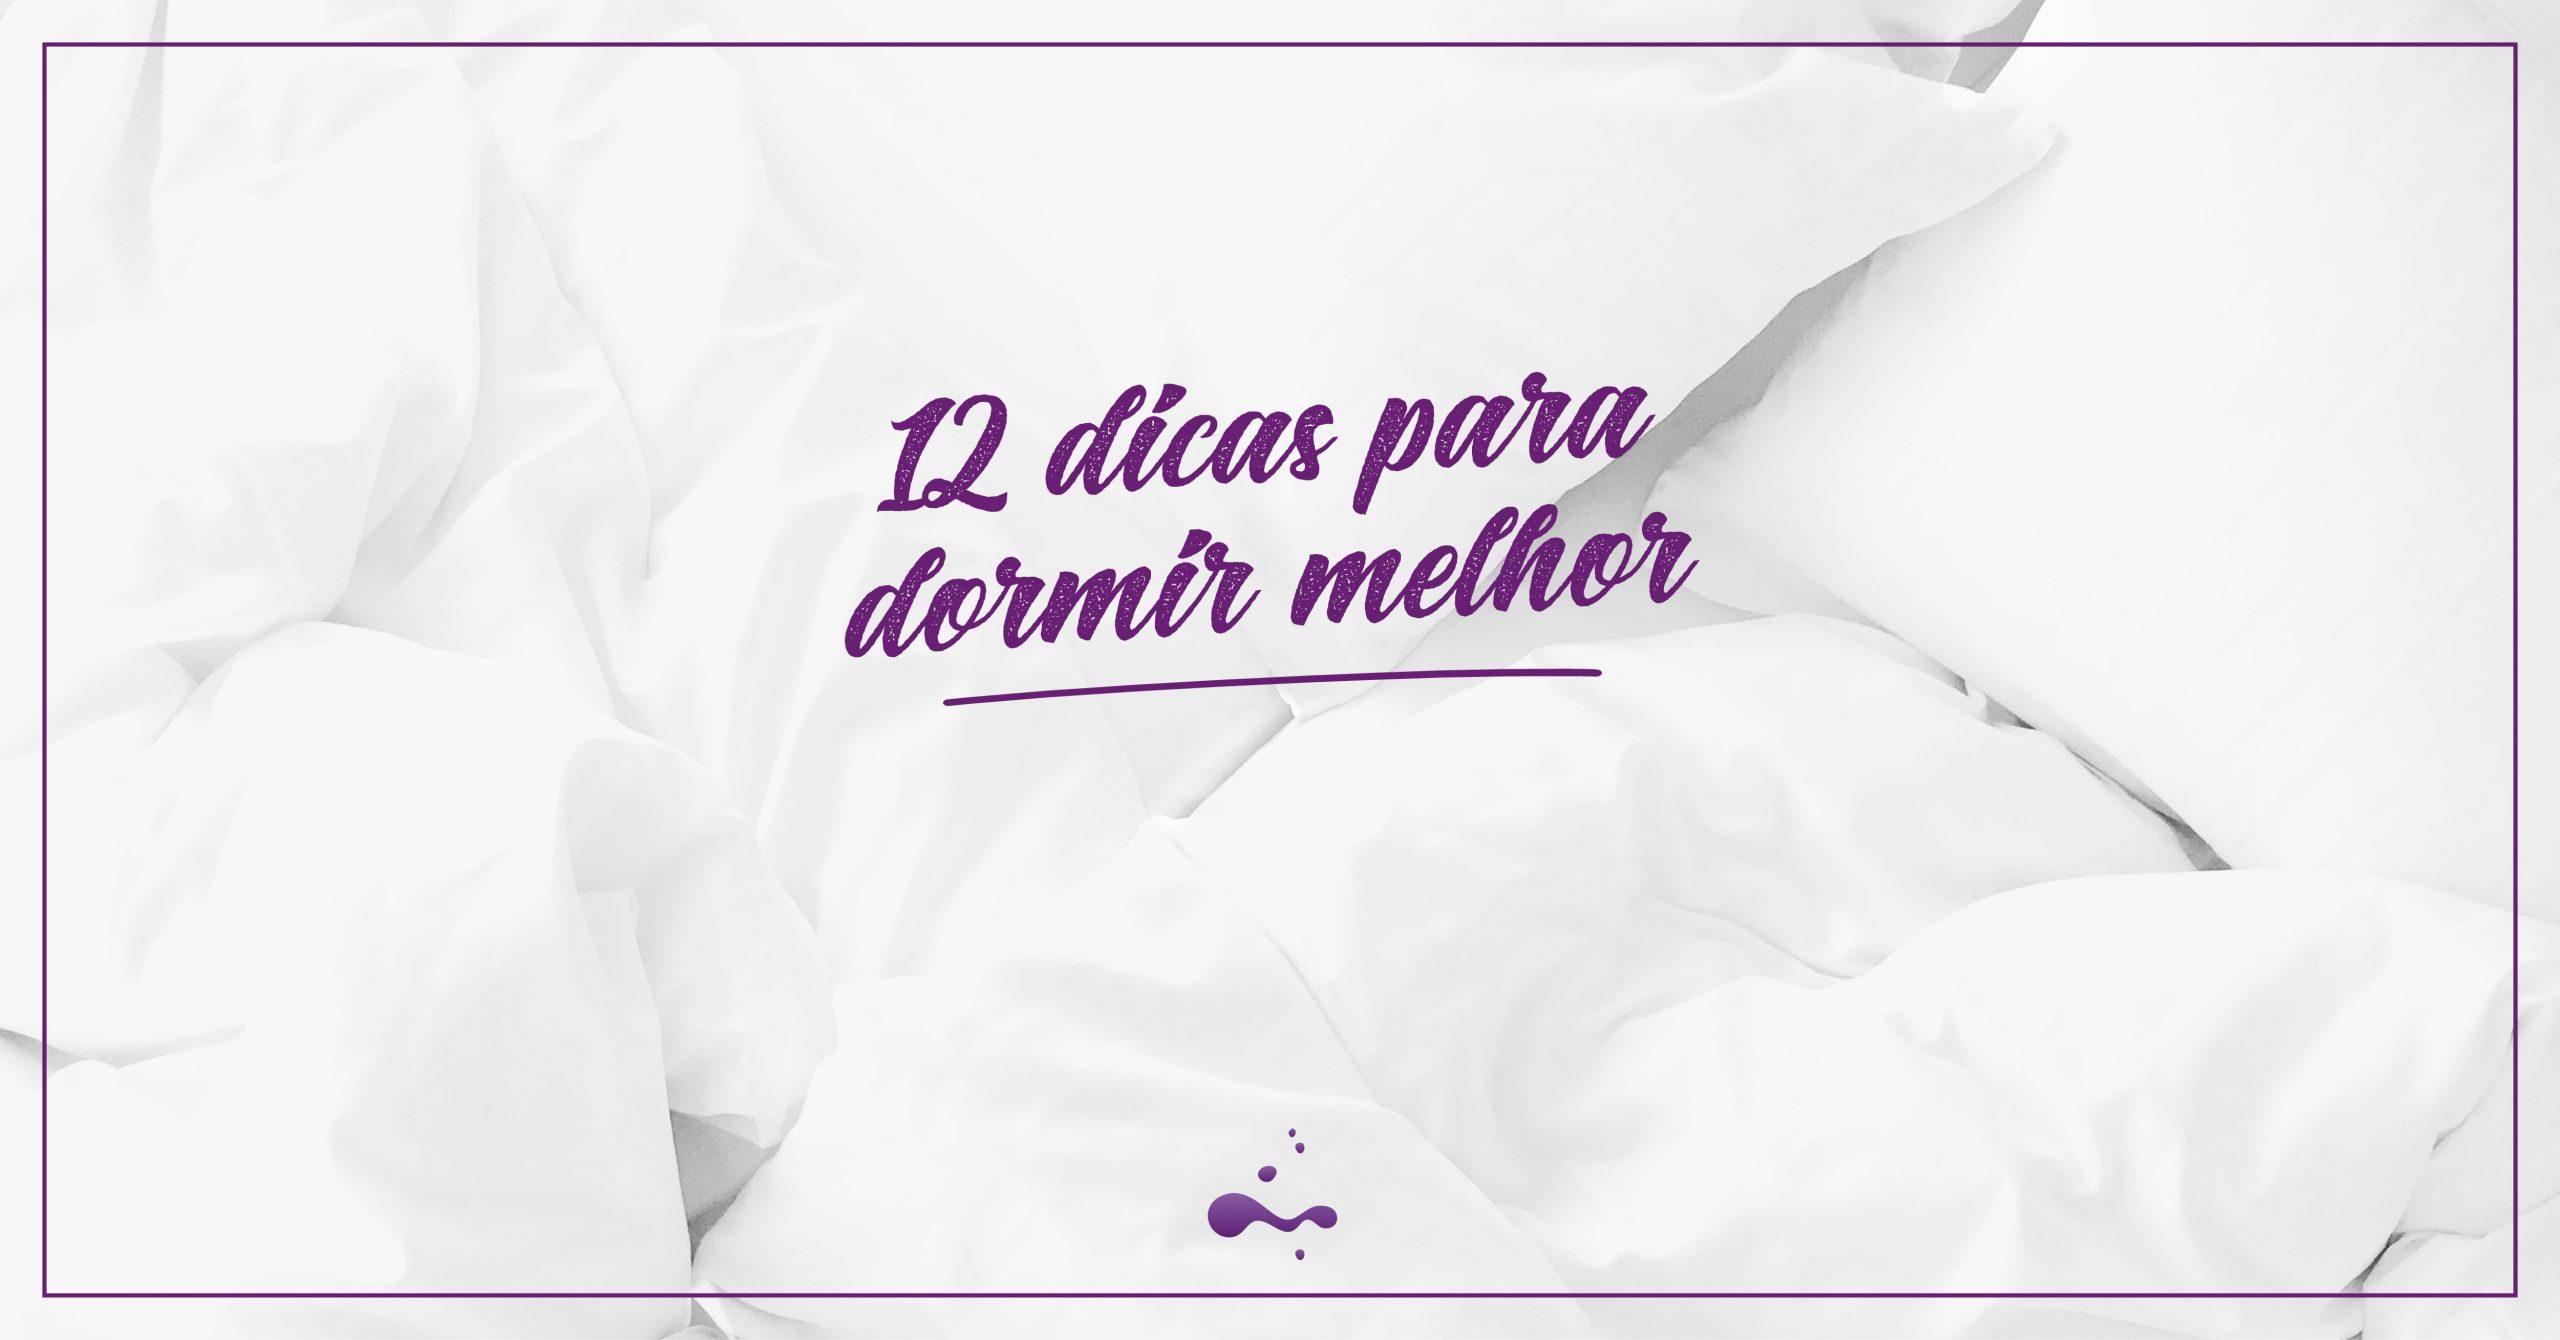 12 dicas para dormir melhor!